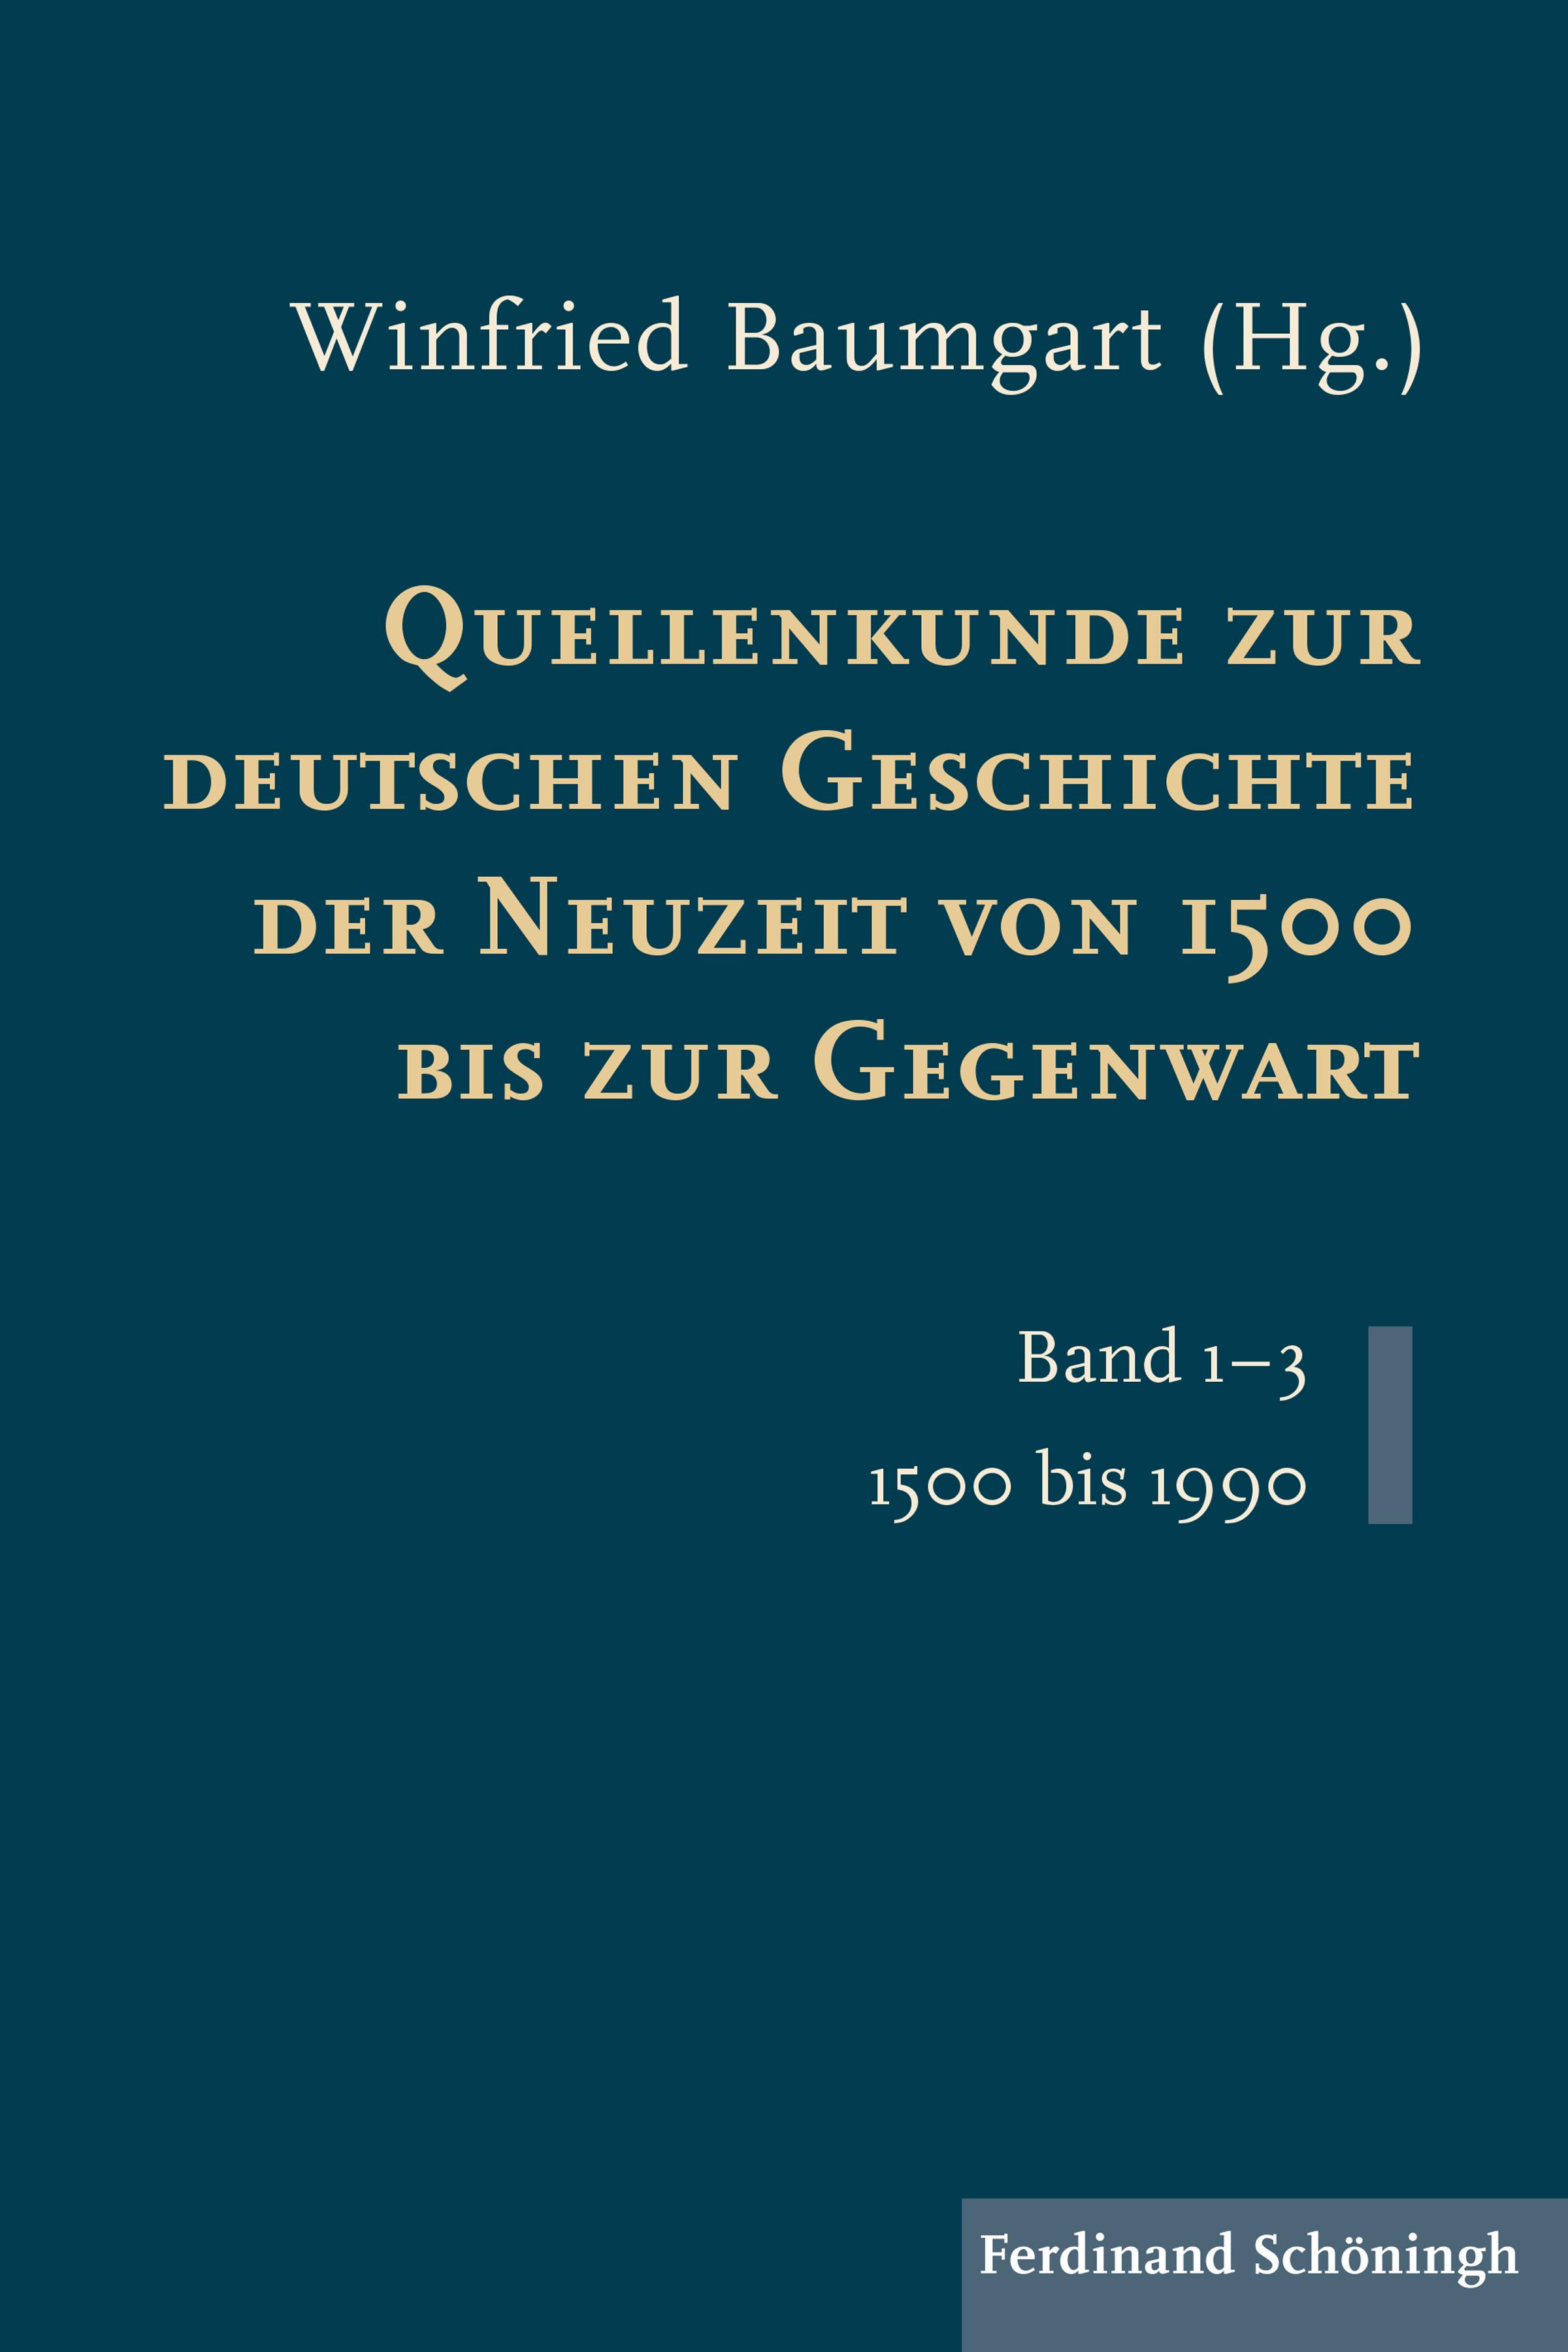 Quellenkunde zur deutschen Geschichte der Neuzeit von 1500 bis zur Gegenwart. ..